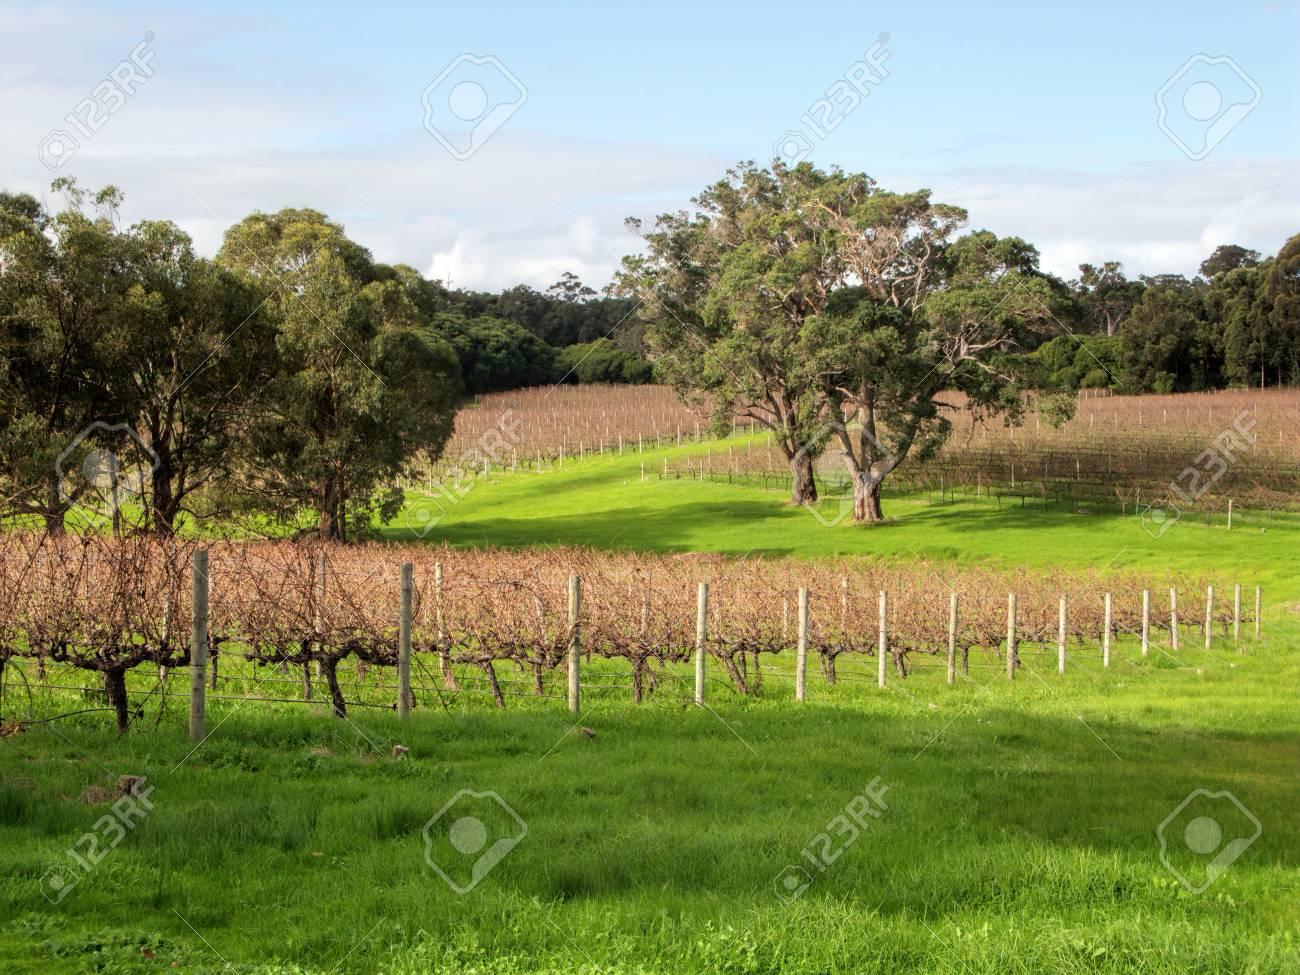 fattoria che risale Australia risalente allepoca vittoriana